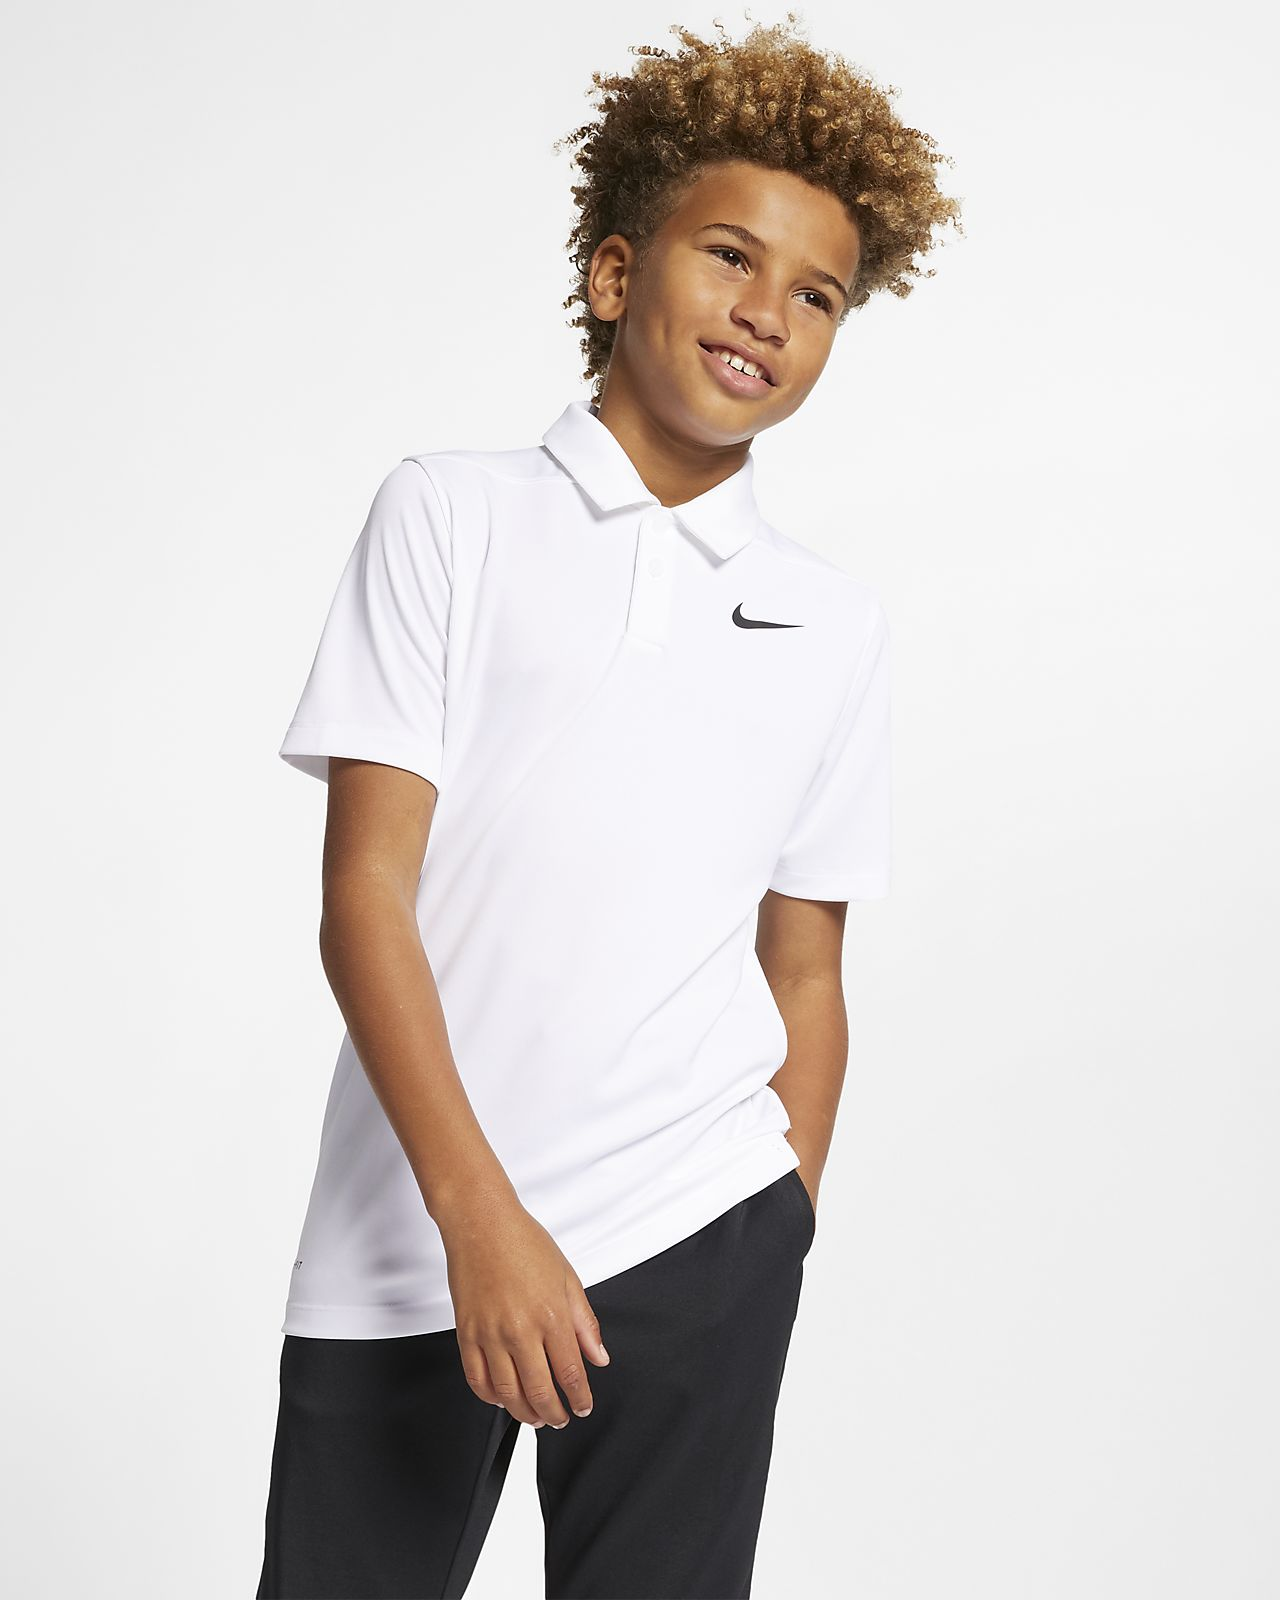 Рубашка-поло для гольфа для мальчиков школьного возраста Nike Dri-FIT Victory